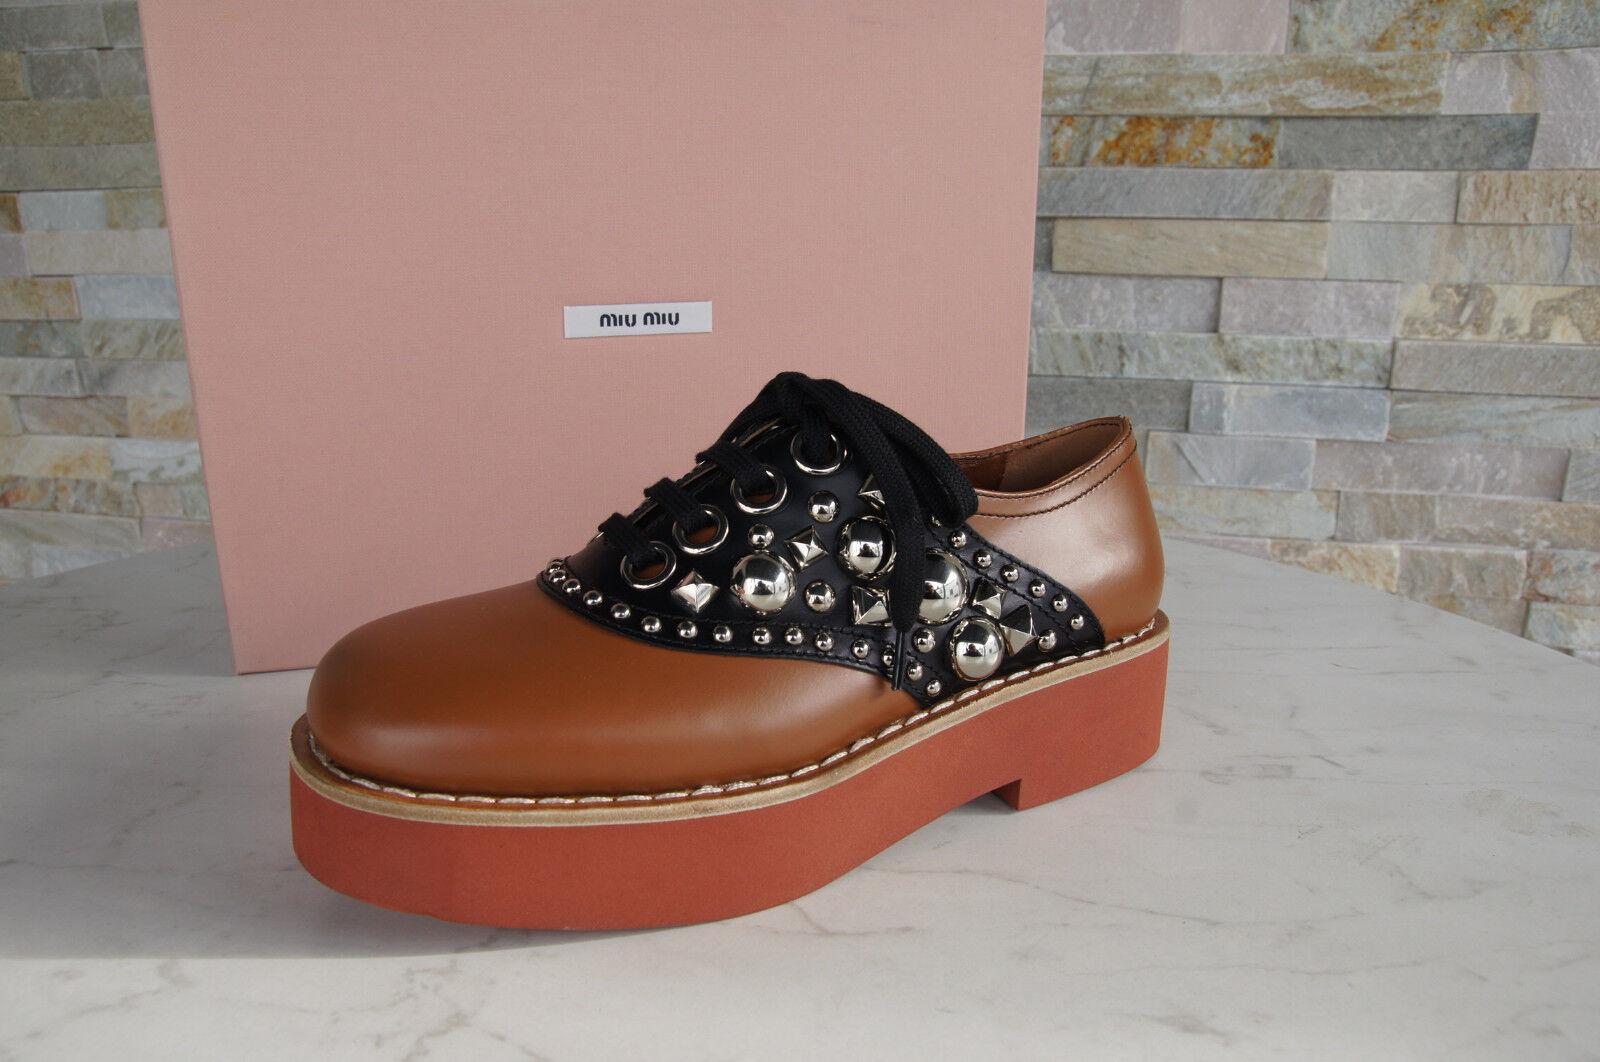 Miu Miu 37,5 Chaussures Basses Chaussure Lacée chaussures rivets tabac Noir Nouveau ehemuvp